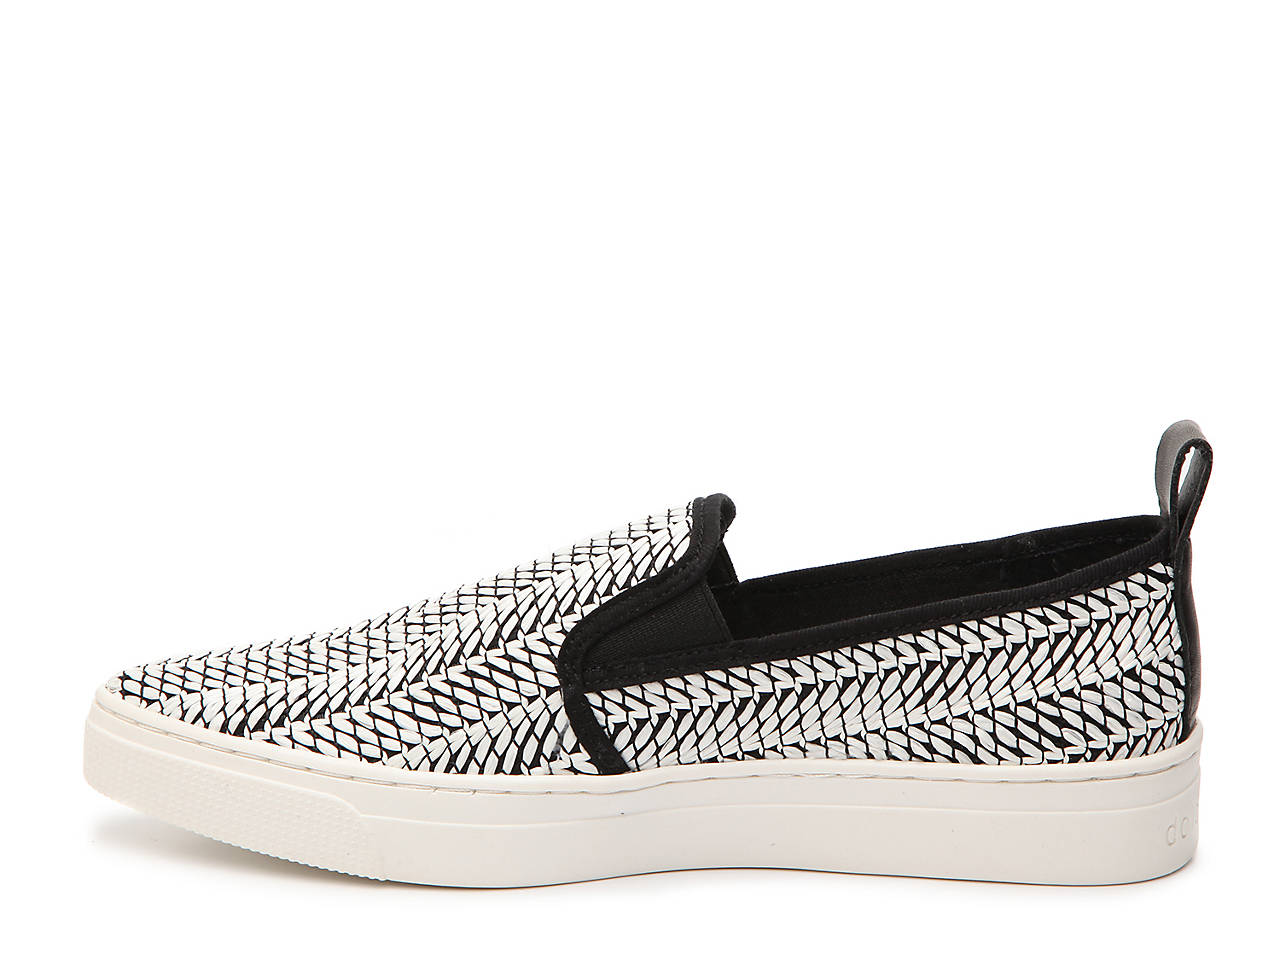 d1460acb8abf Dolce Vita Geoff Slip-On Sneaker Women s Shoes